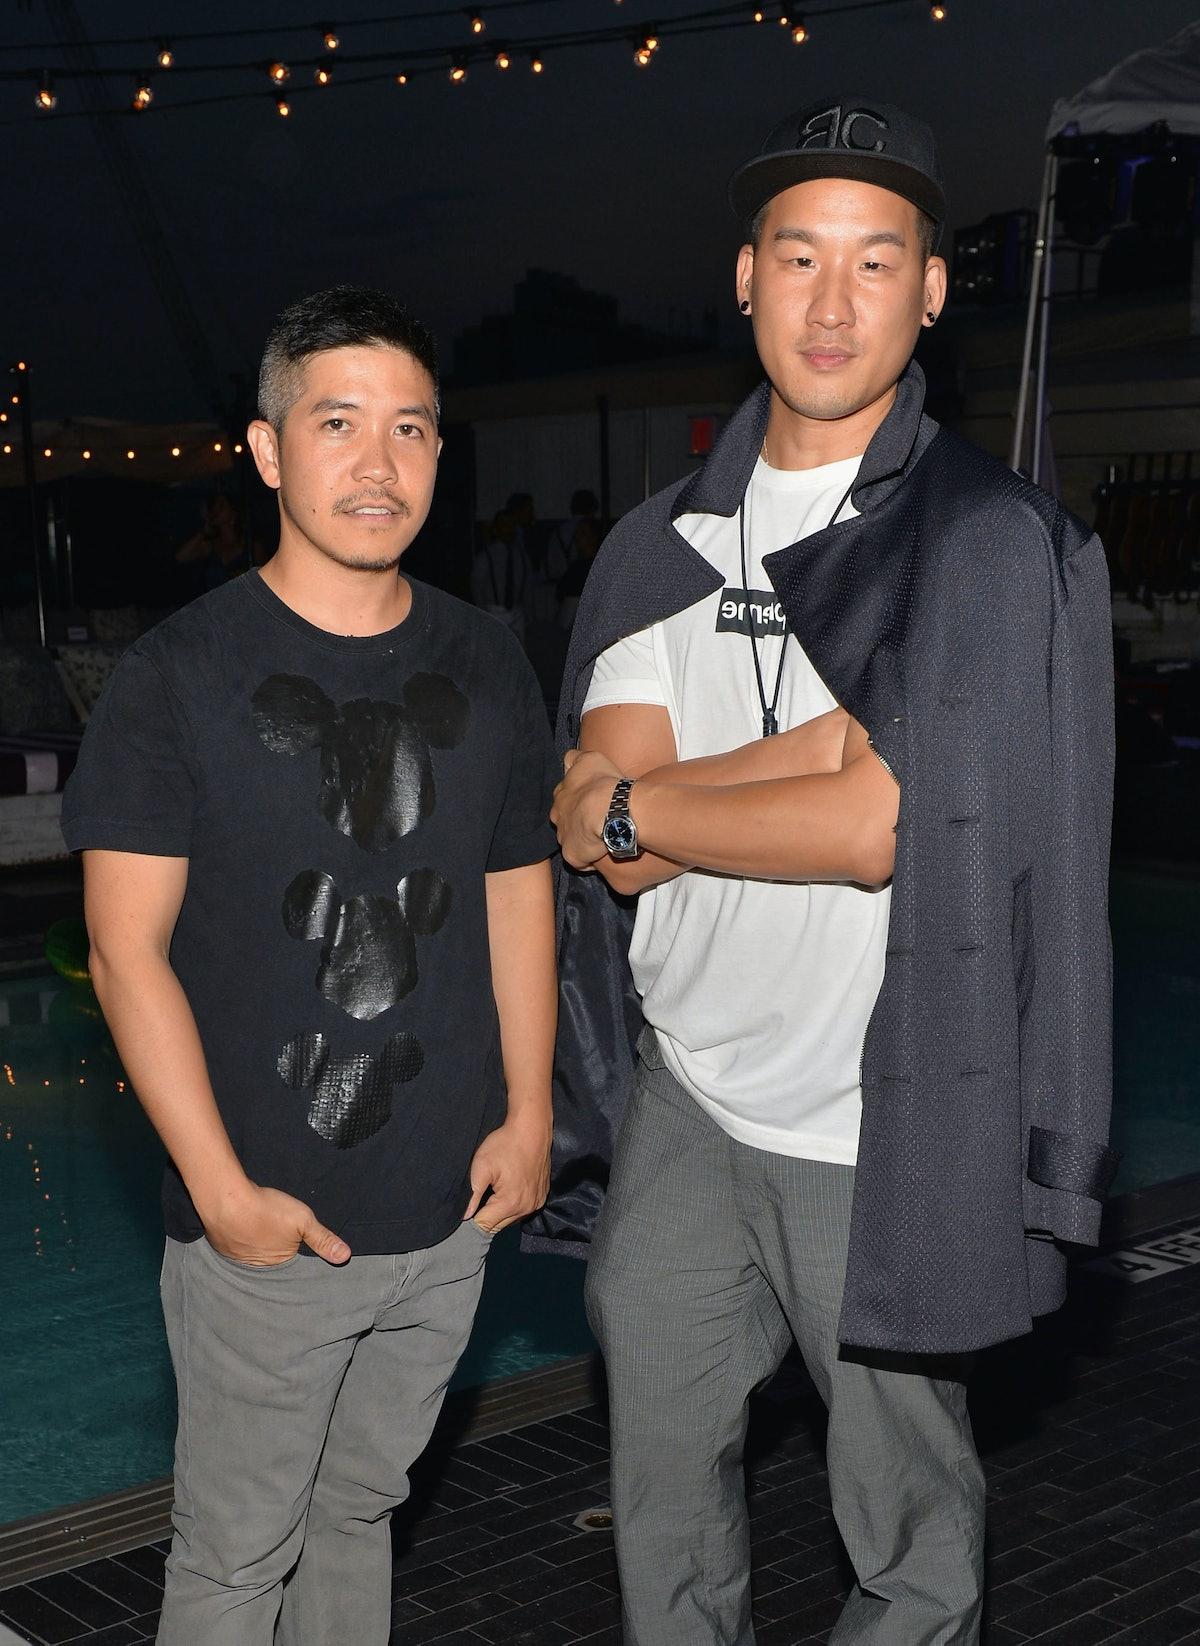 Thakoon Panichgul and Richard Chai